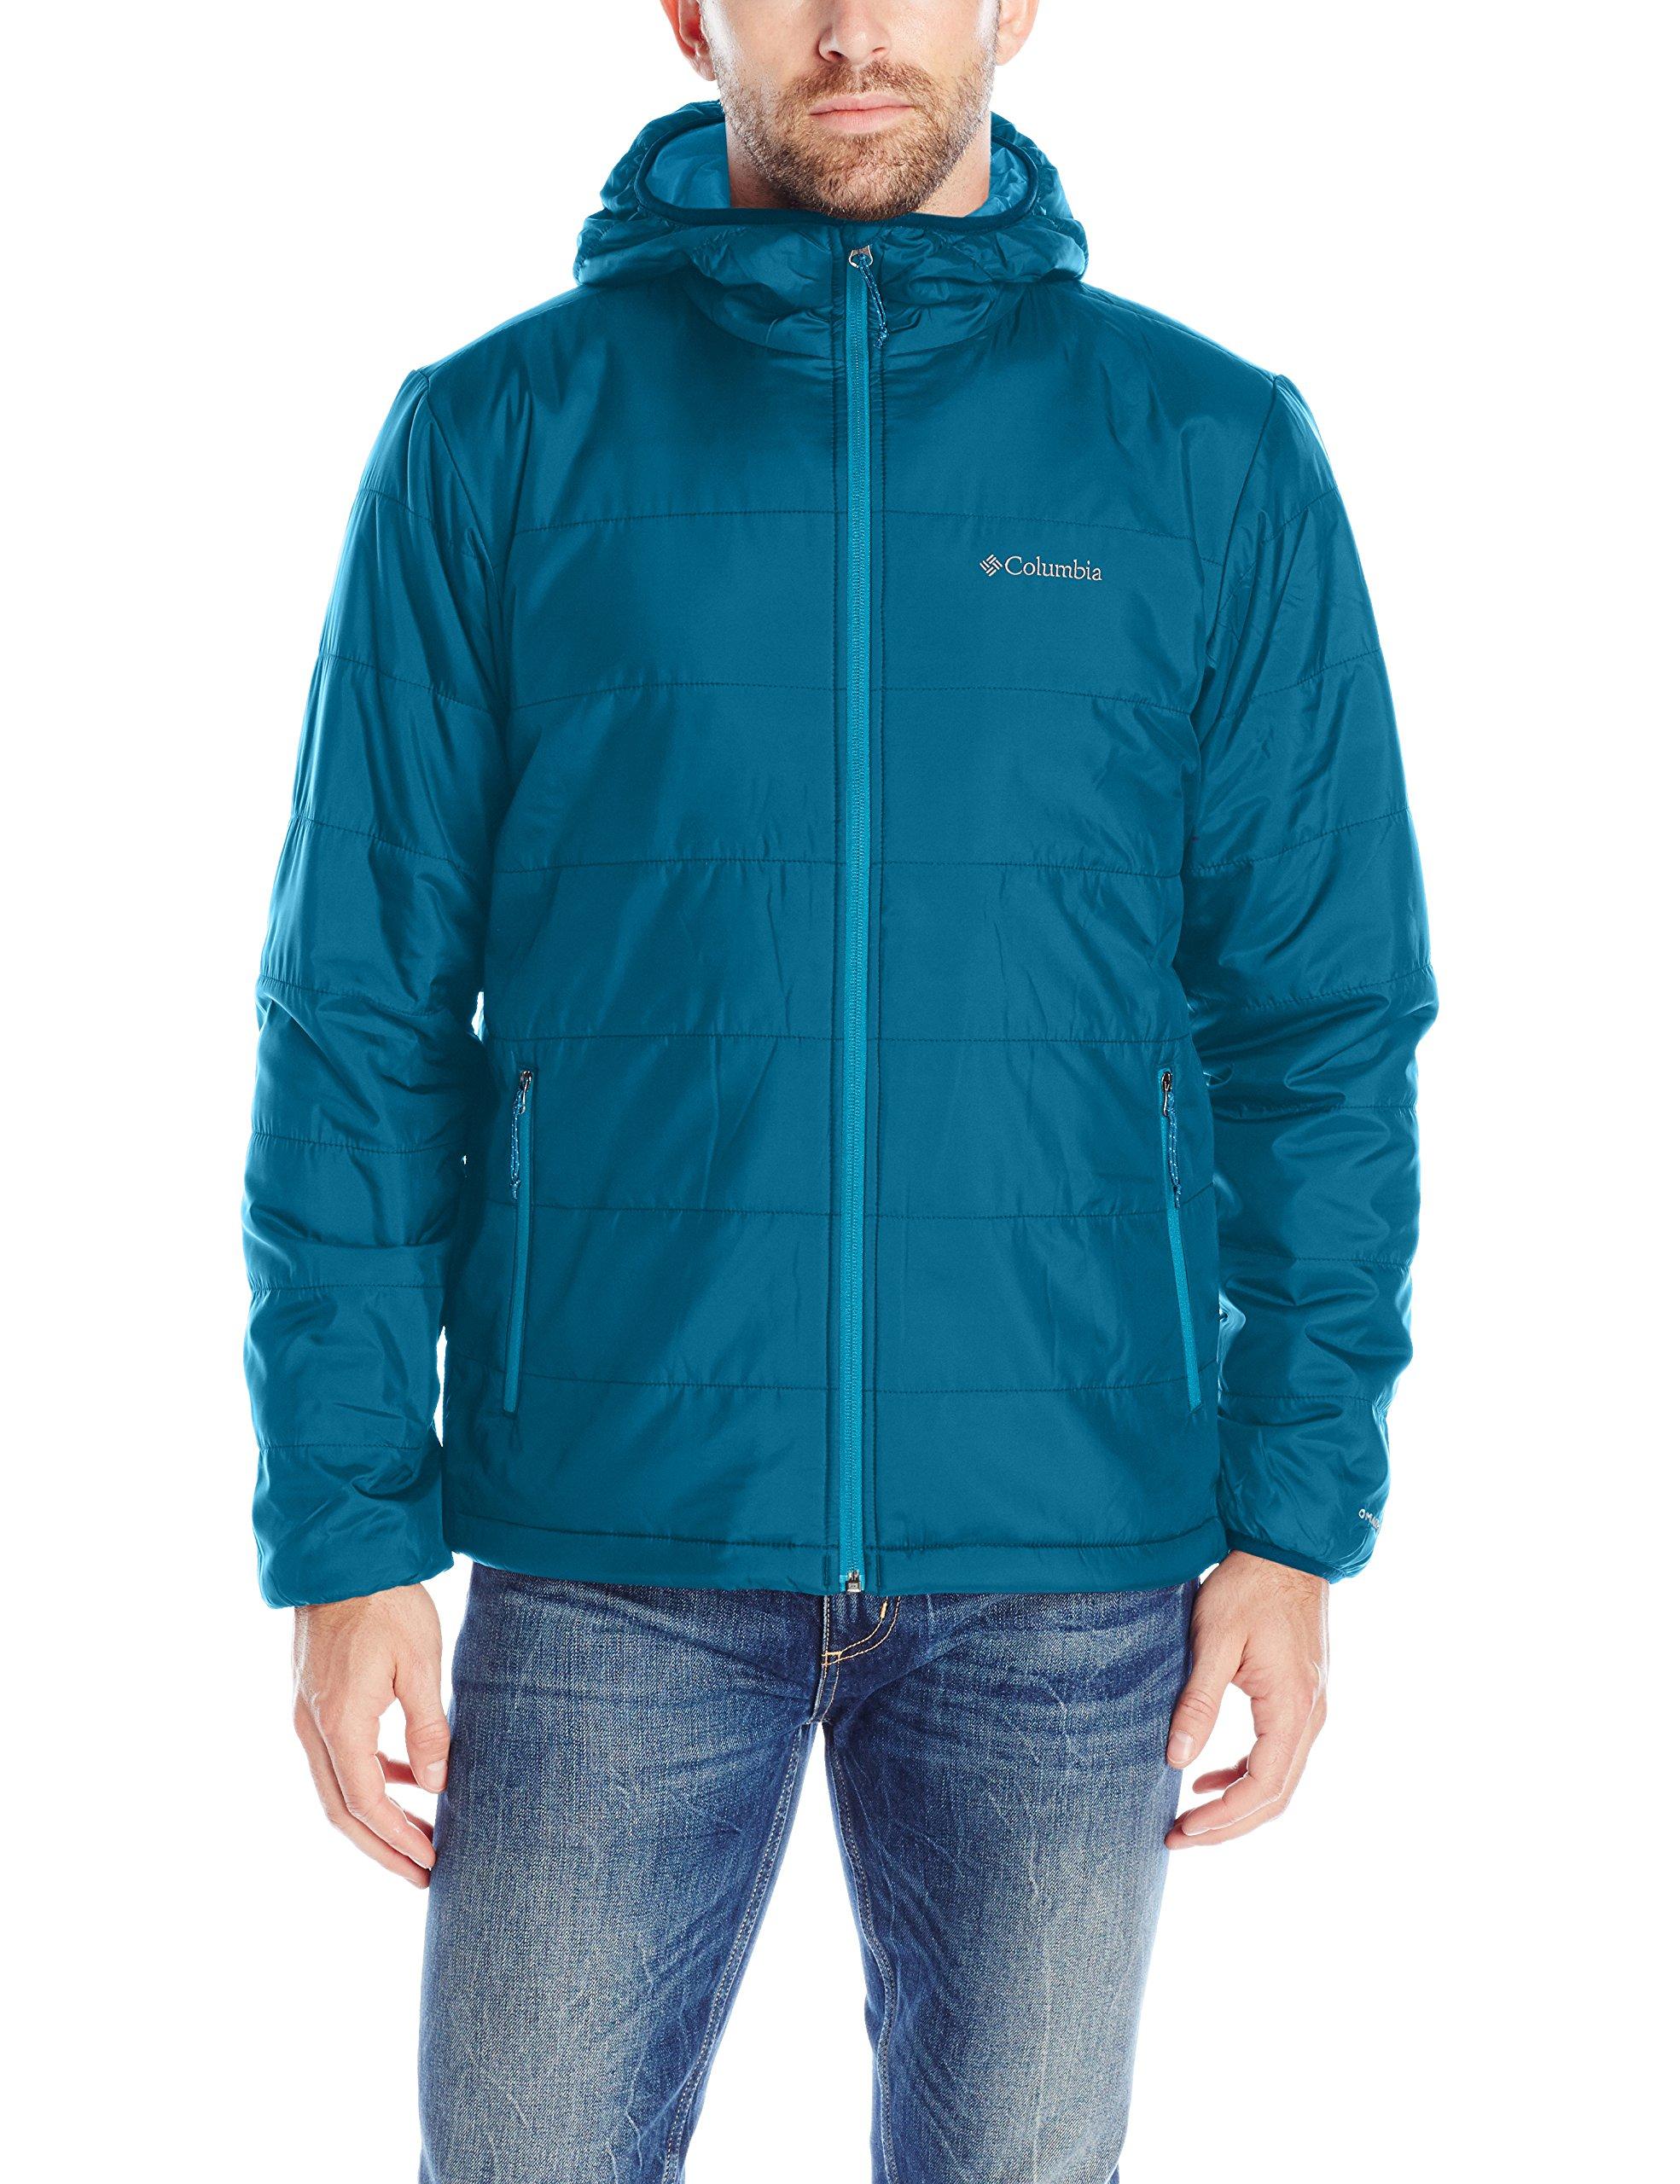 Columbia Men's Saddle Chutes Hooded Jacket, Large, Phoenix Blue